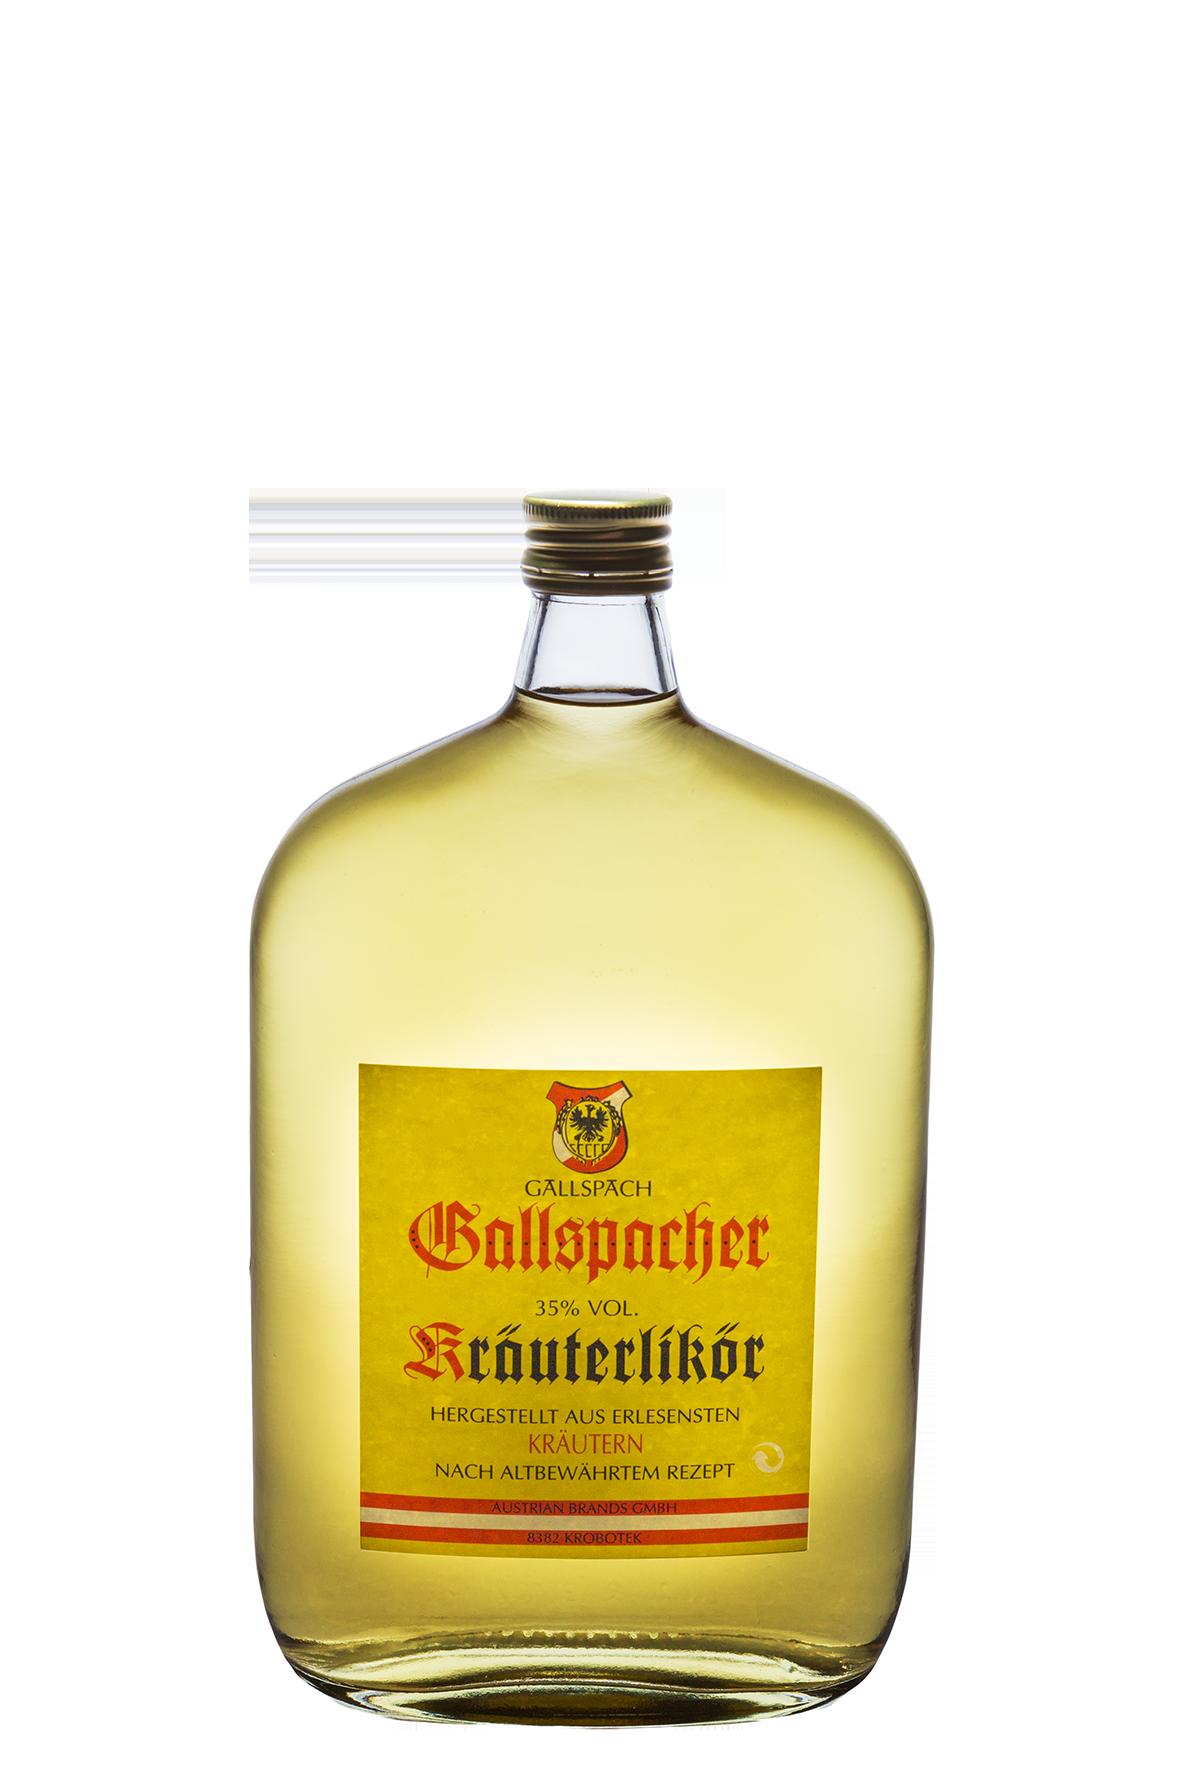 Gallspacher Kräuterlikör